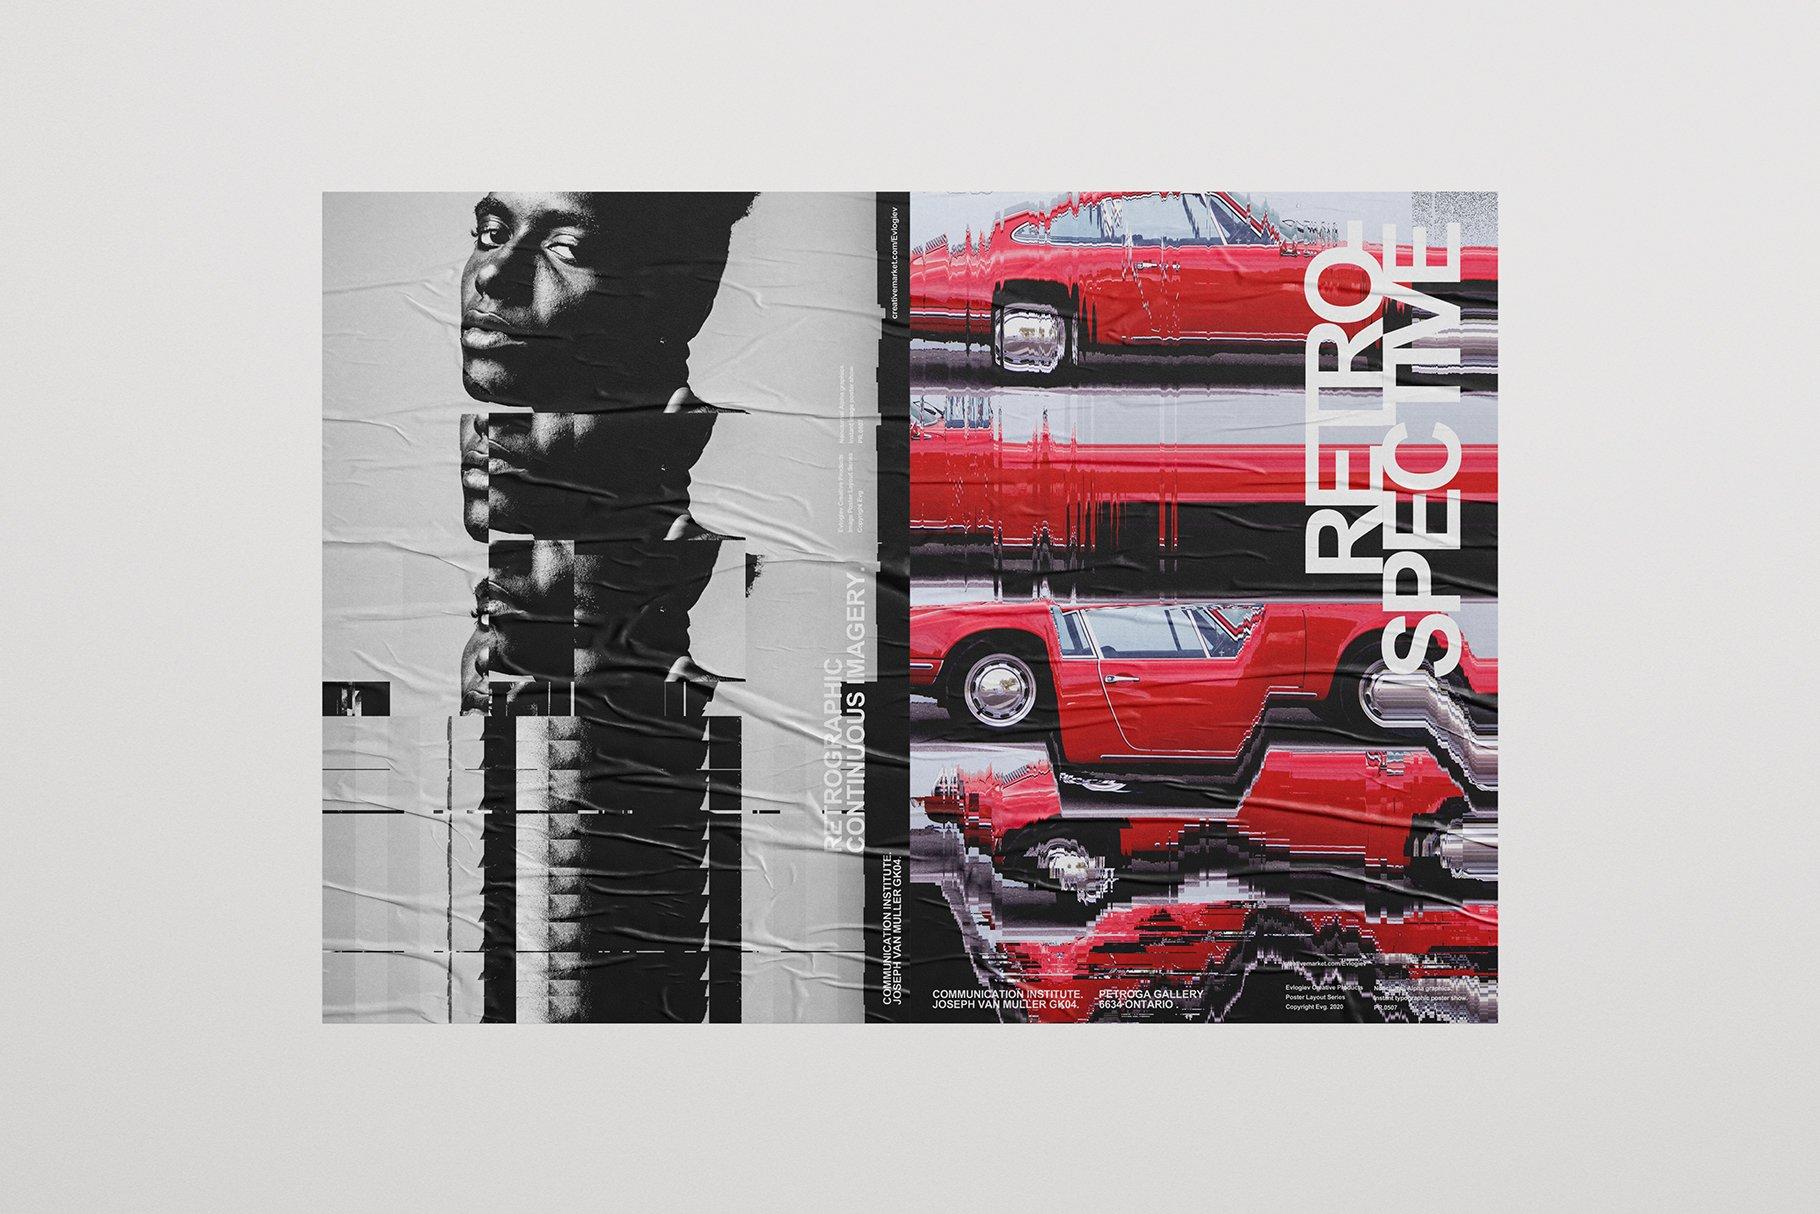 [淘宝购买] 20款抽象扭曲故障主视觉海报图片设计效果PS样式模板 Evlogiev – Distort Image Poster插图(8)